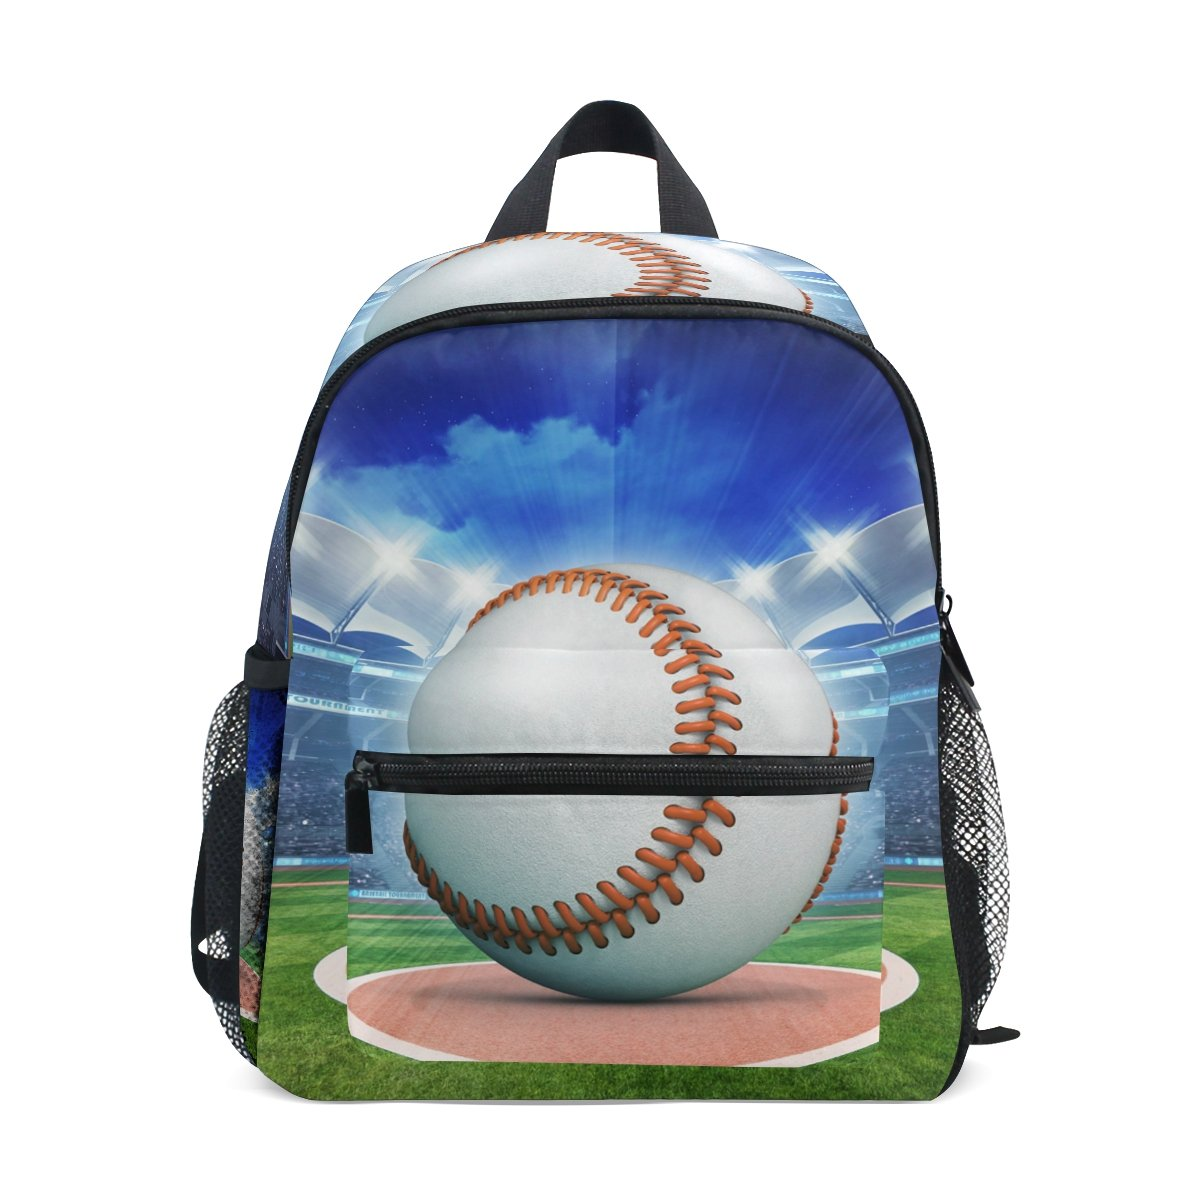 キッズバックパックバッグ 野球 ブルースポーツテーマ 3Dイラスト 子供 女の子 男の子用   B07DJ66J5S